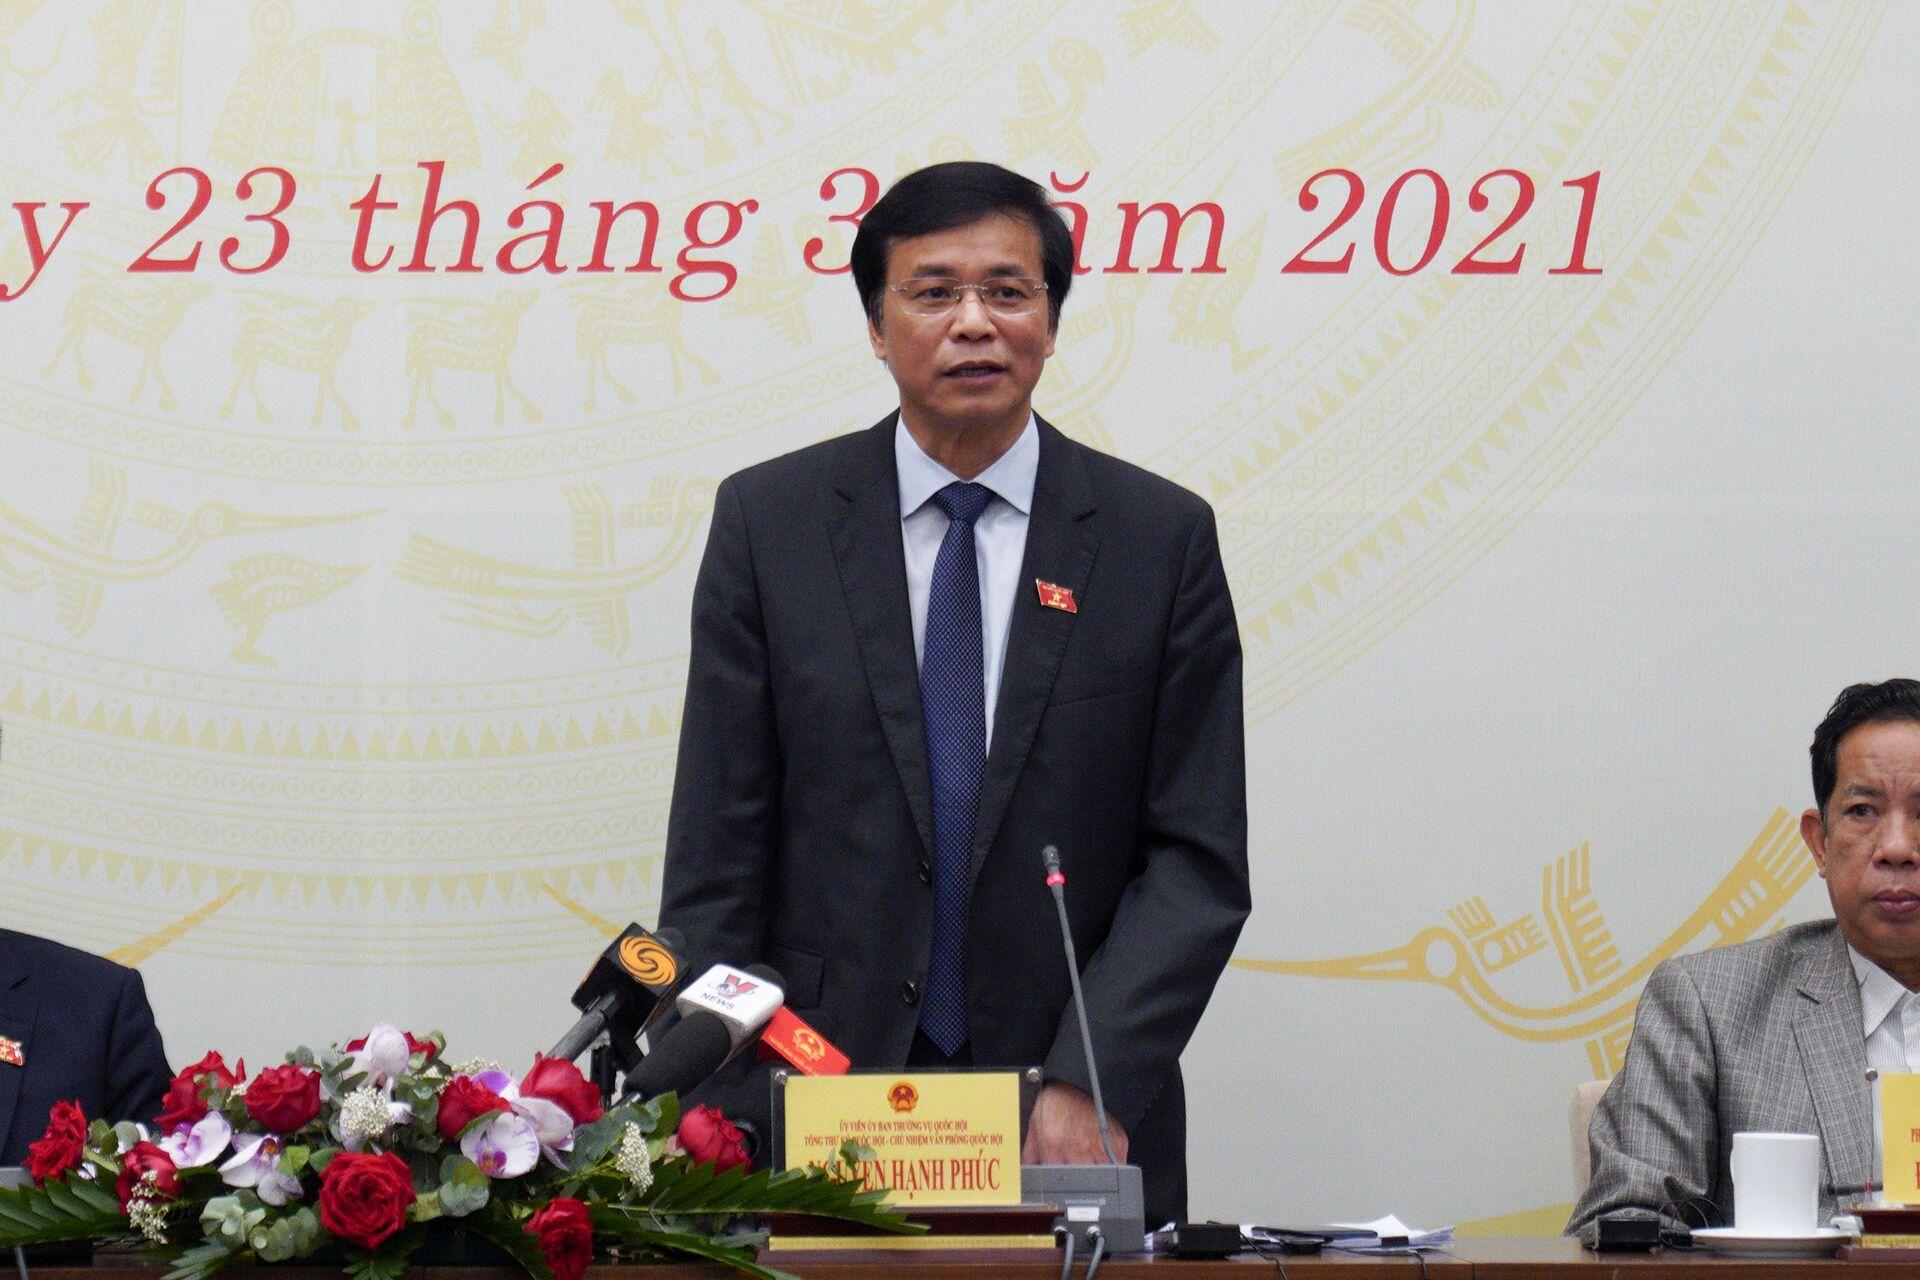 Quốc hội sẽ bầu chức danh Chủ tịch nước, Thủ tướng, Chủ tịch Quốc hội - Sputnik Việt Nam, 1920, 23.03.2021